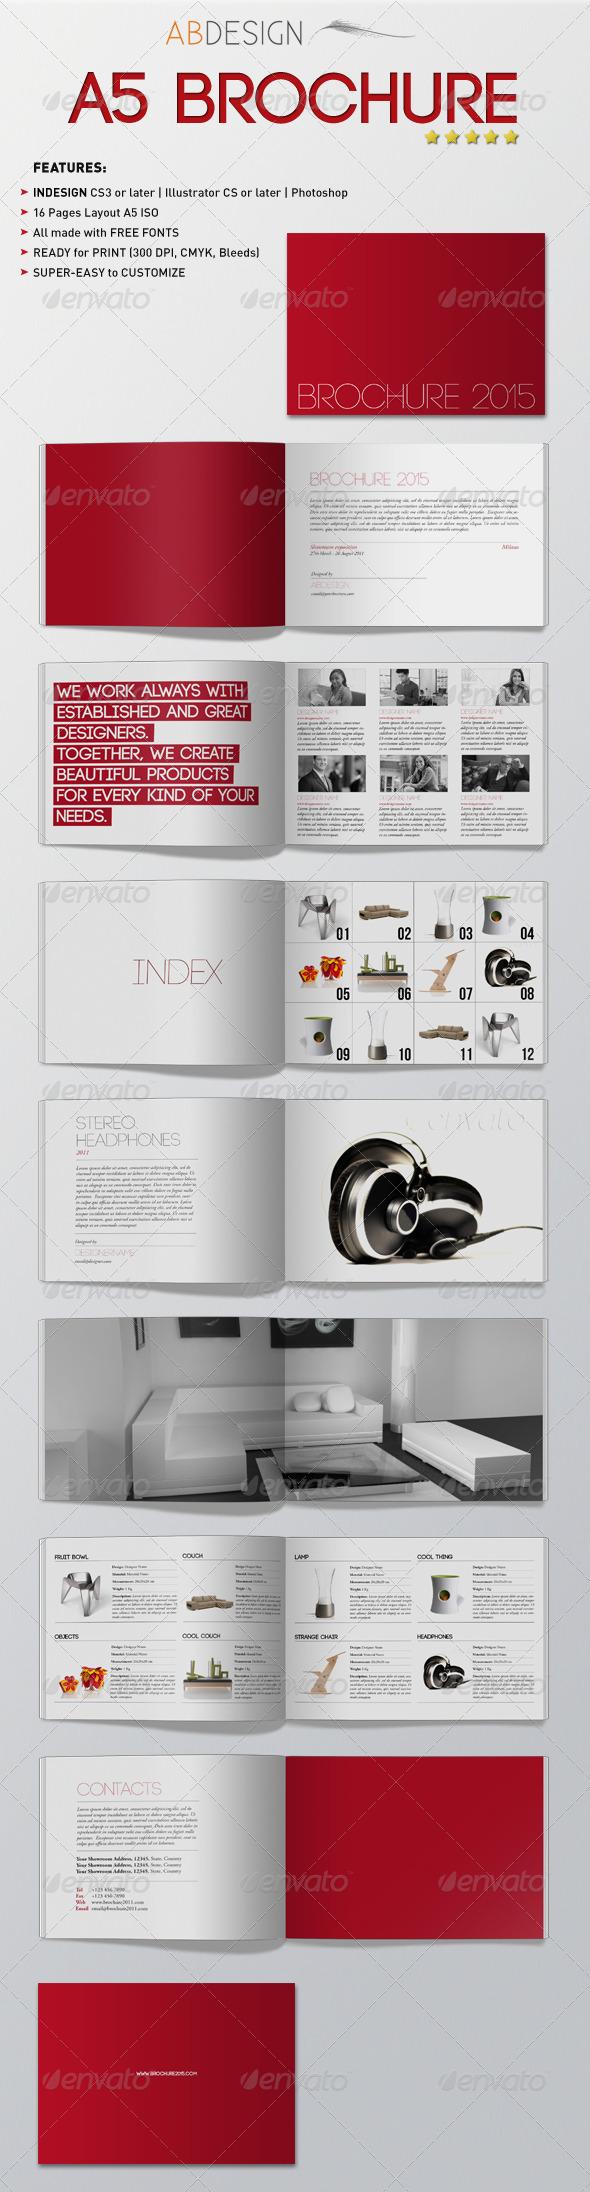 GraphicRiver A5 Brochure 236855